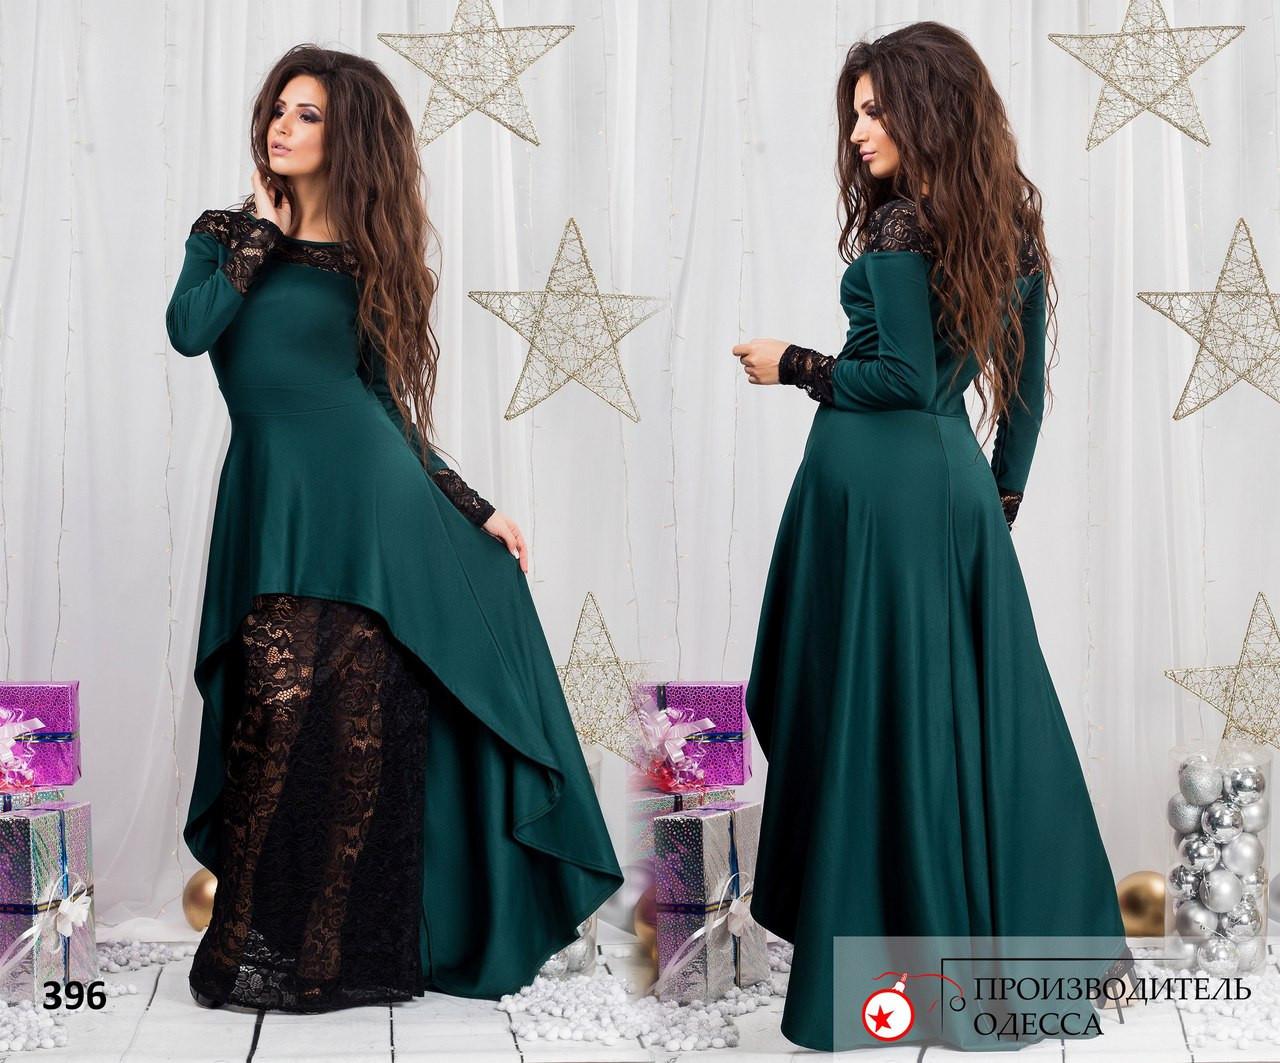 bc1426f53815fca ... Нарядное платье в пол платье трикотаж + гипюр размеры 42 44 46  48.50.52.54, ...